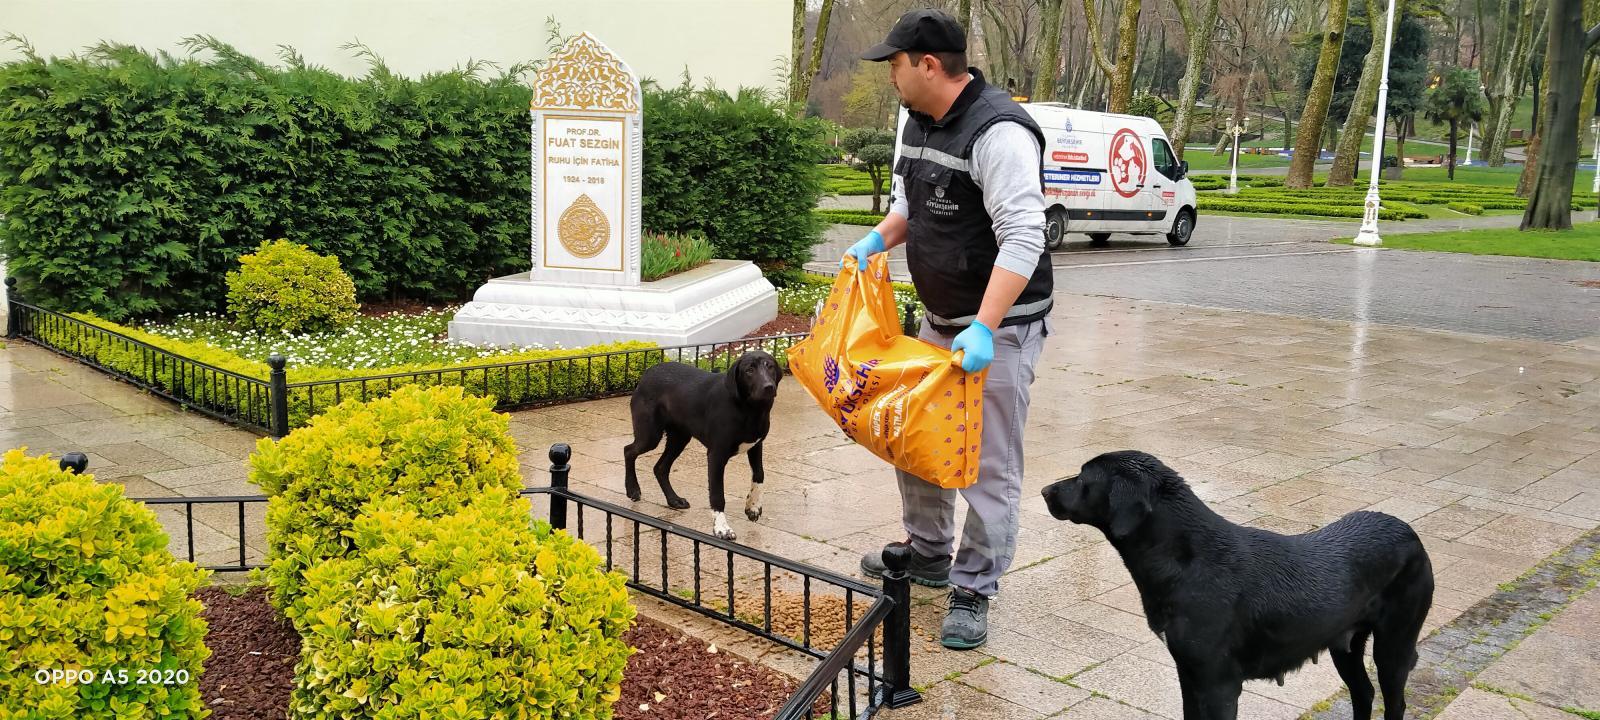 İstanbul Büyükşehir Belediyesi ekipleri mama dağıtırken